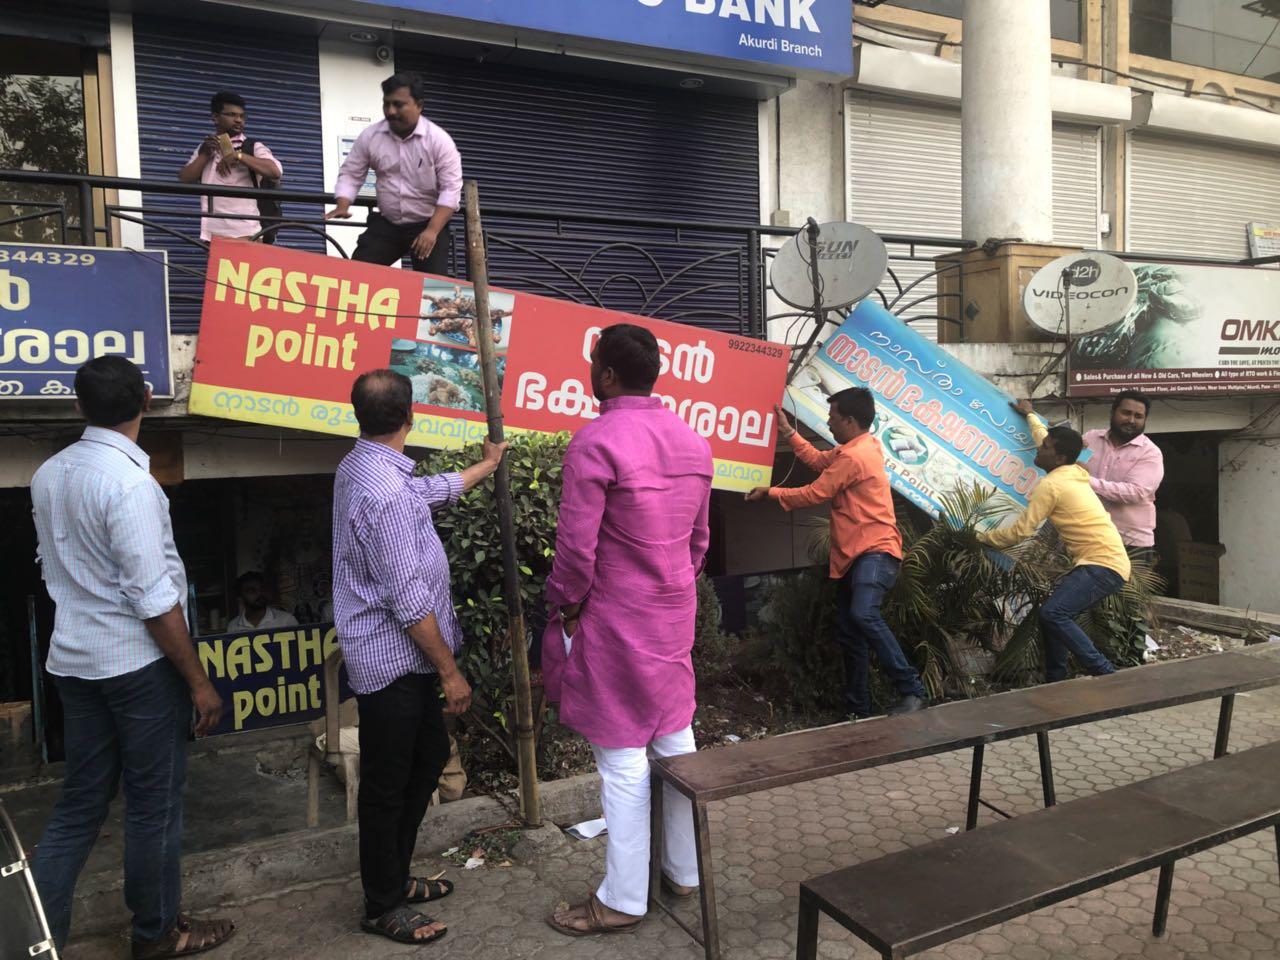 अमराठी पाट्यांवरून मनसे आक्रमक; शहरात दुकानांवरील पाट्या हटविल्या